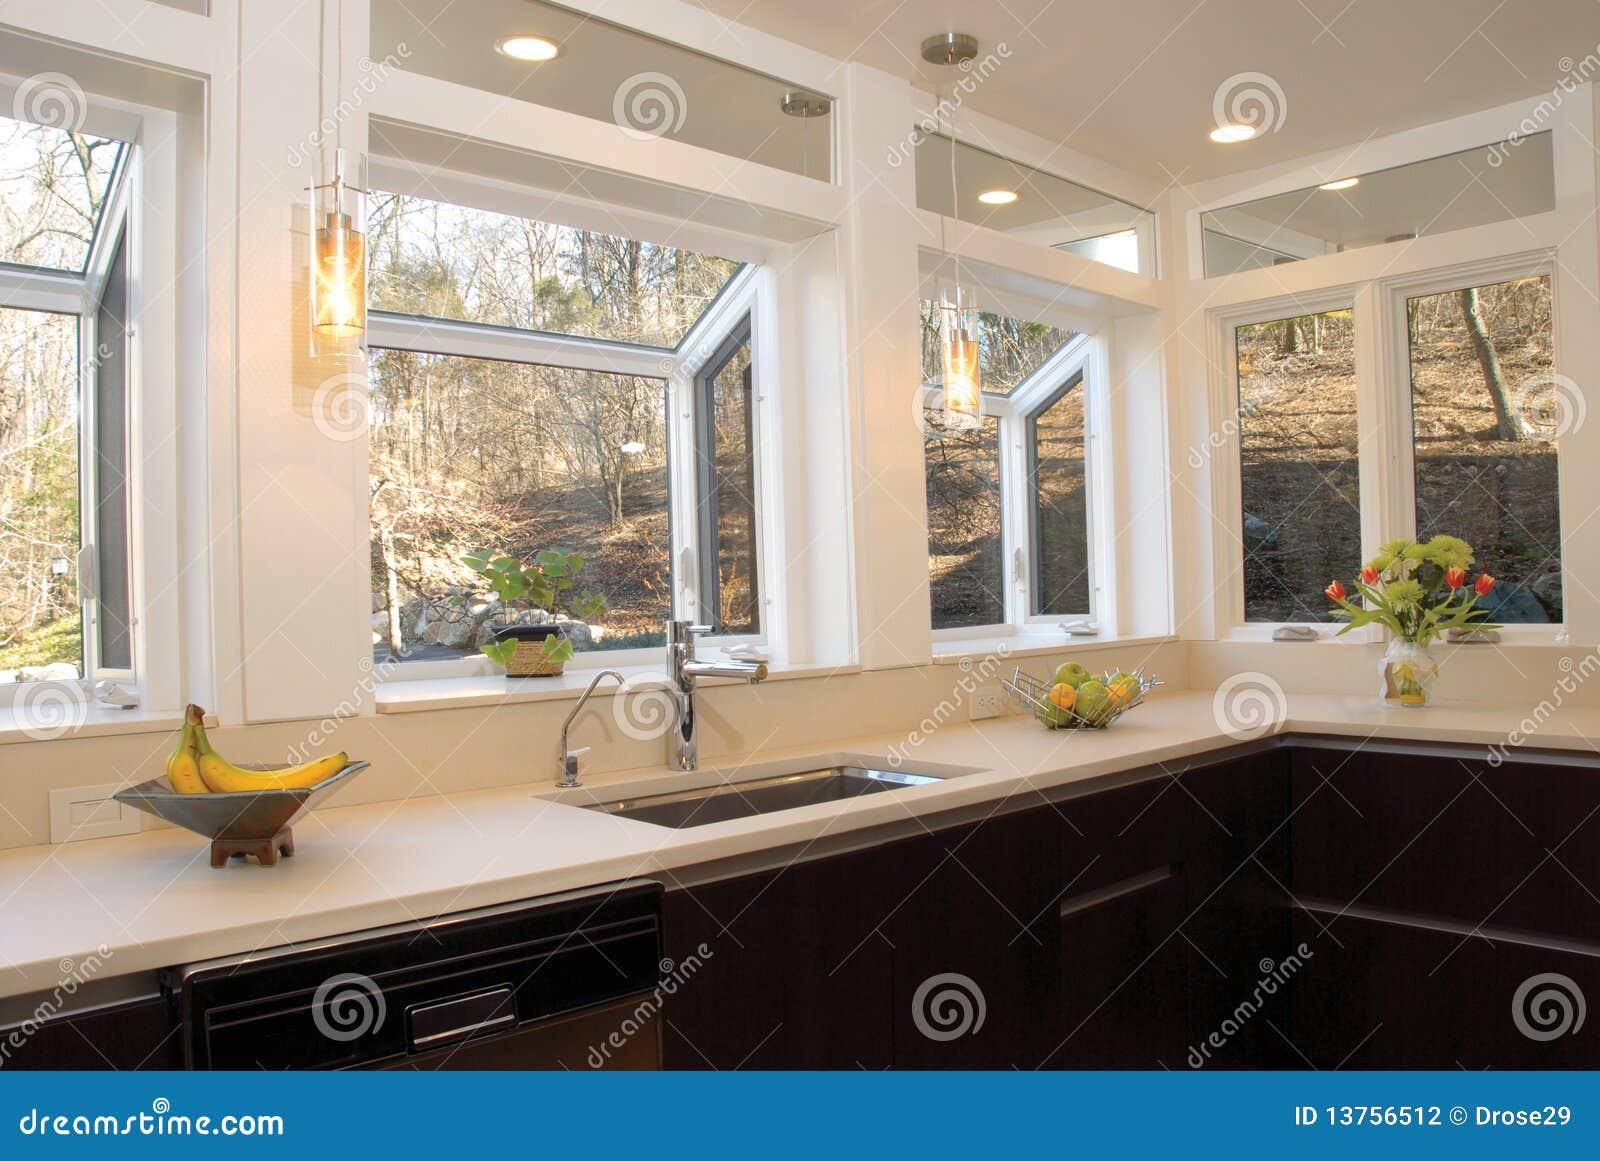 Cucina Con Finestra Orizzontale controsoffitto della cucina con molte finestre fotografia